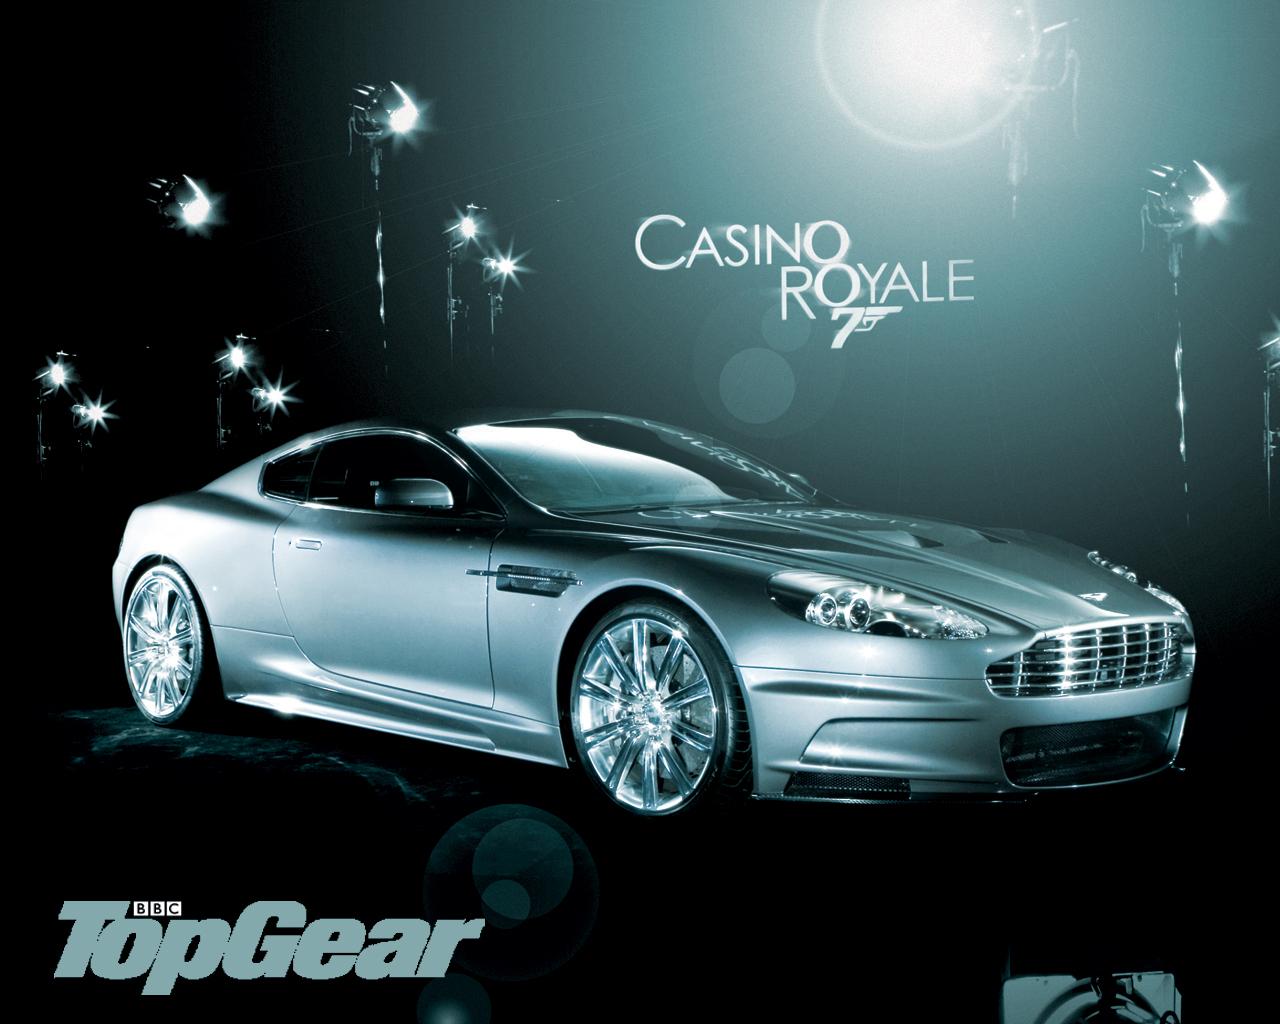 http://2.bp.blogspot.com/_GCAuqodmOE4/TLty0yERToI/AAAAAAAAEGM/jJIbrUDdodw/s1600/Aston+Martin+DBS.jpg